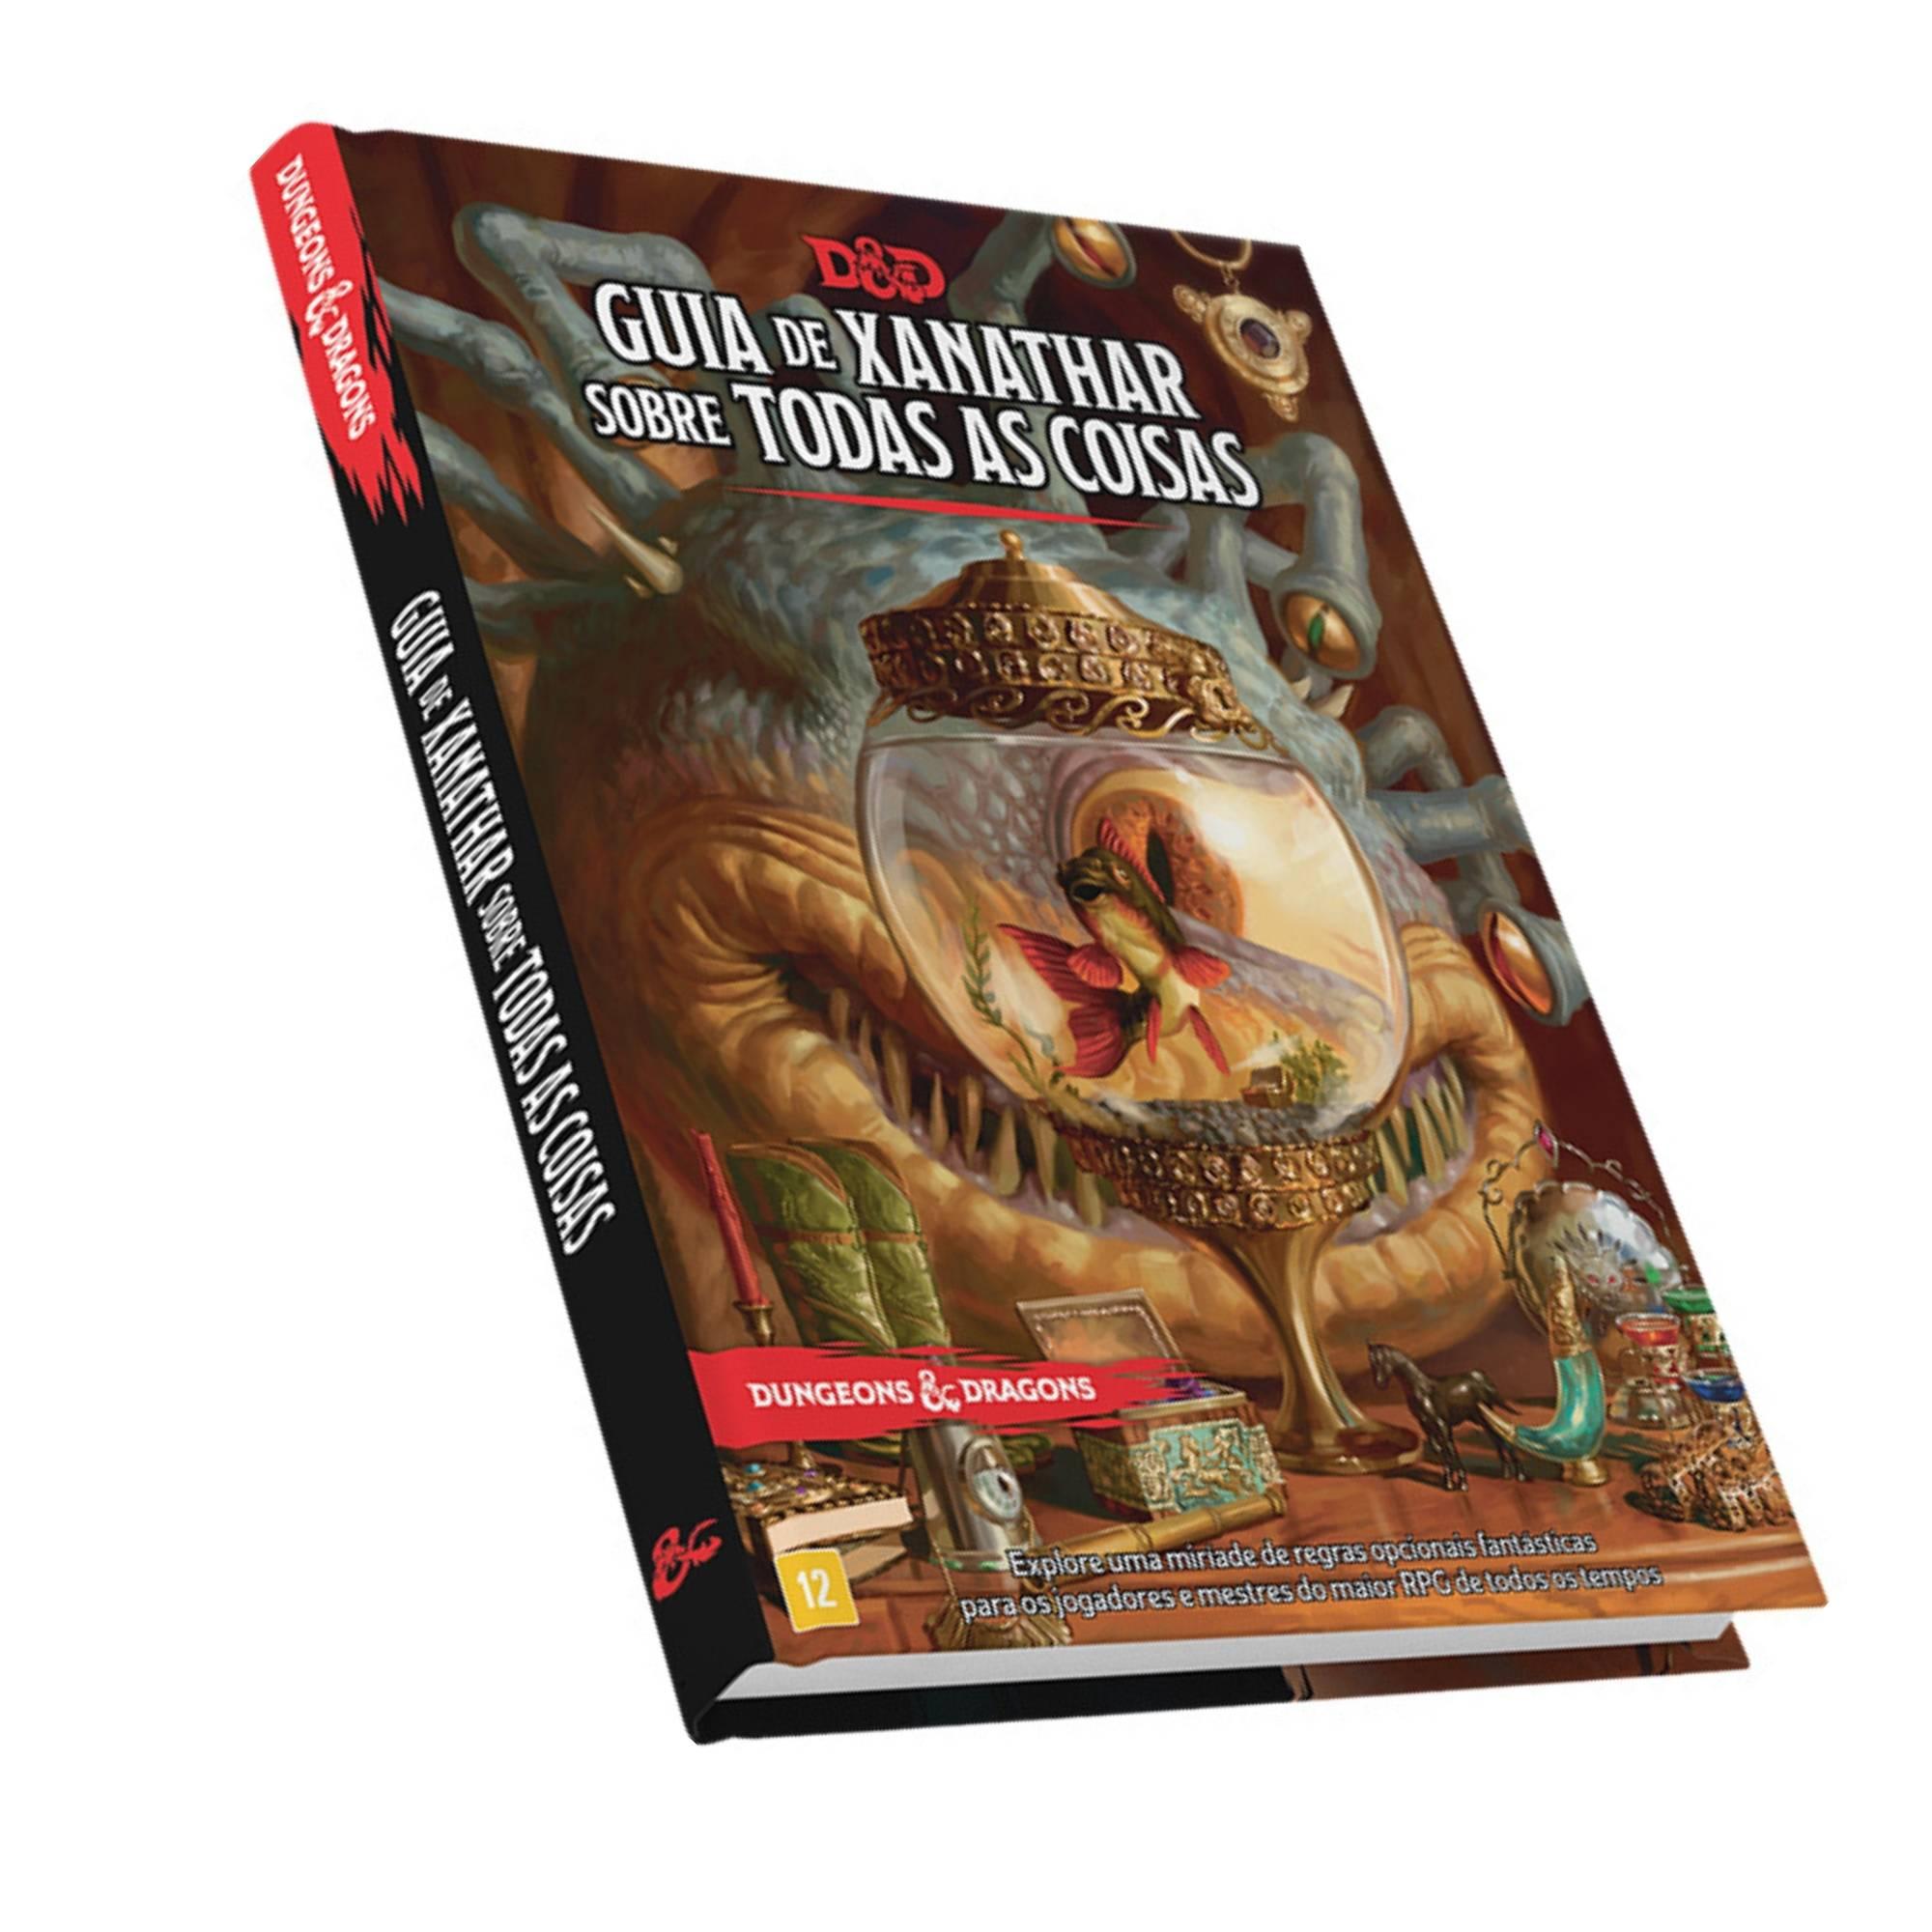 Dungeons and Dragons 5ª Edição: Guia de Xanathar para todas as coisas